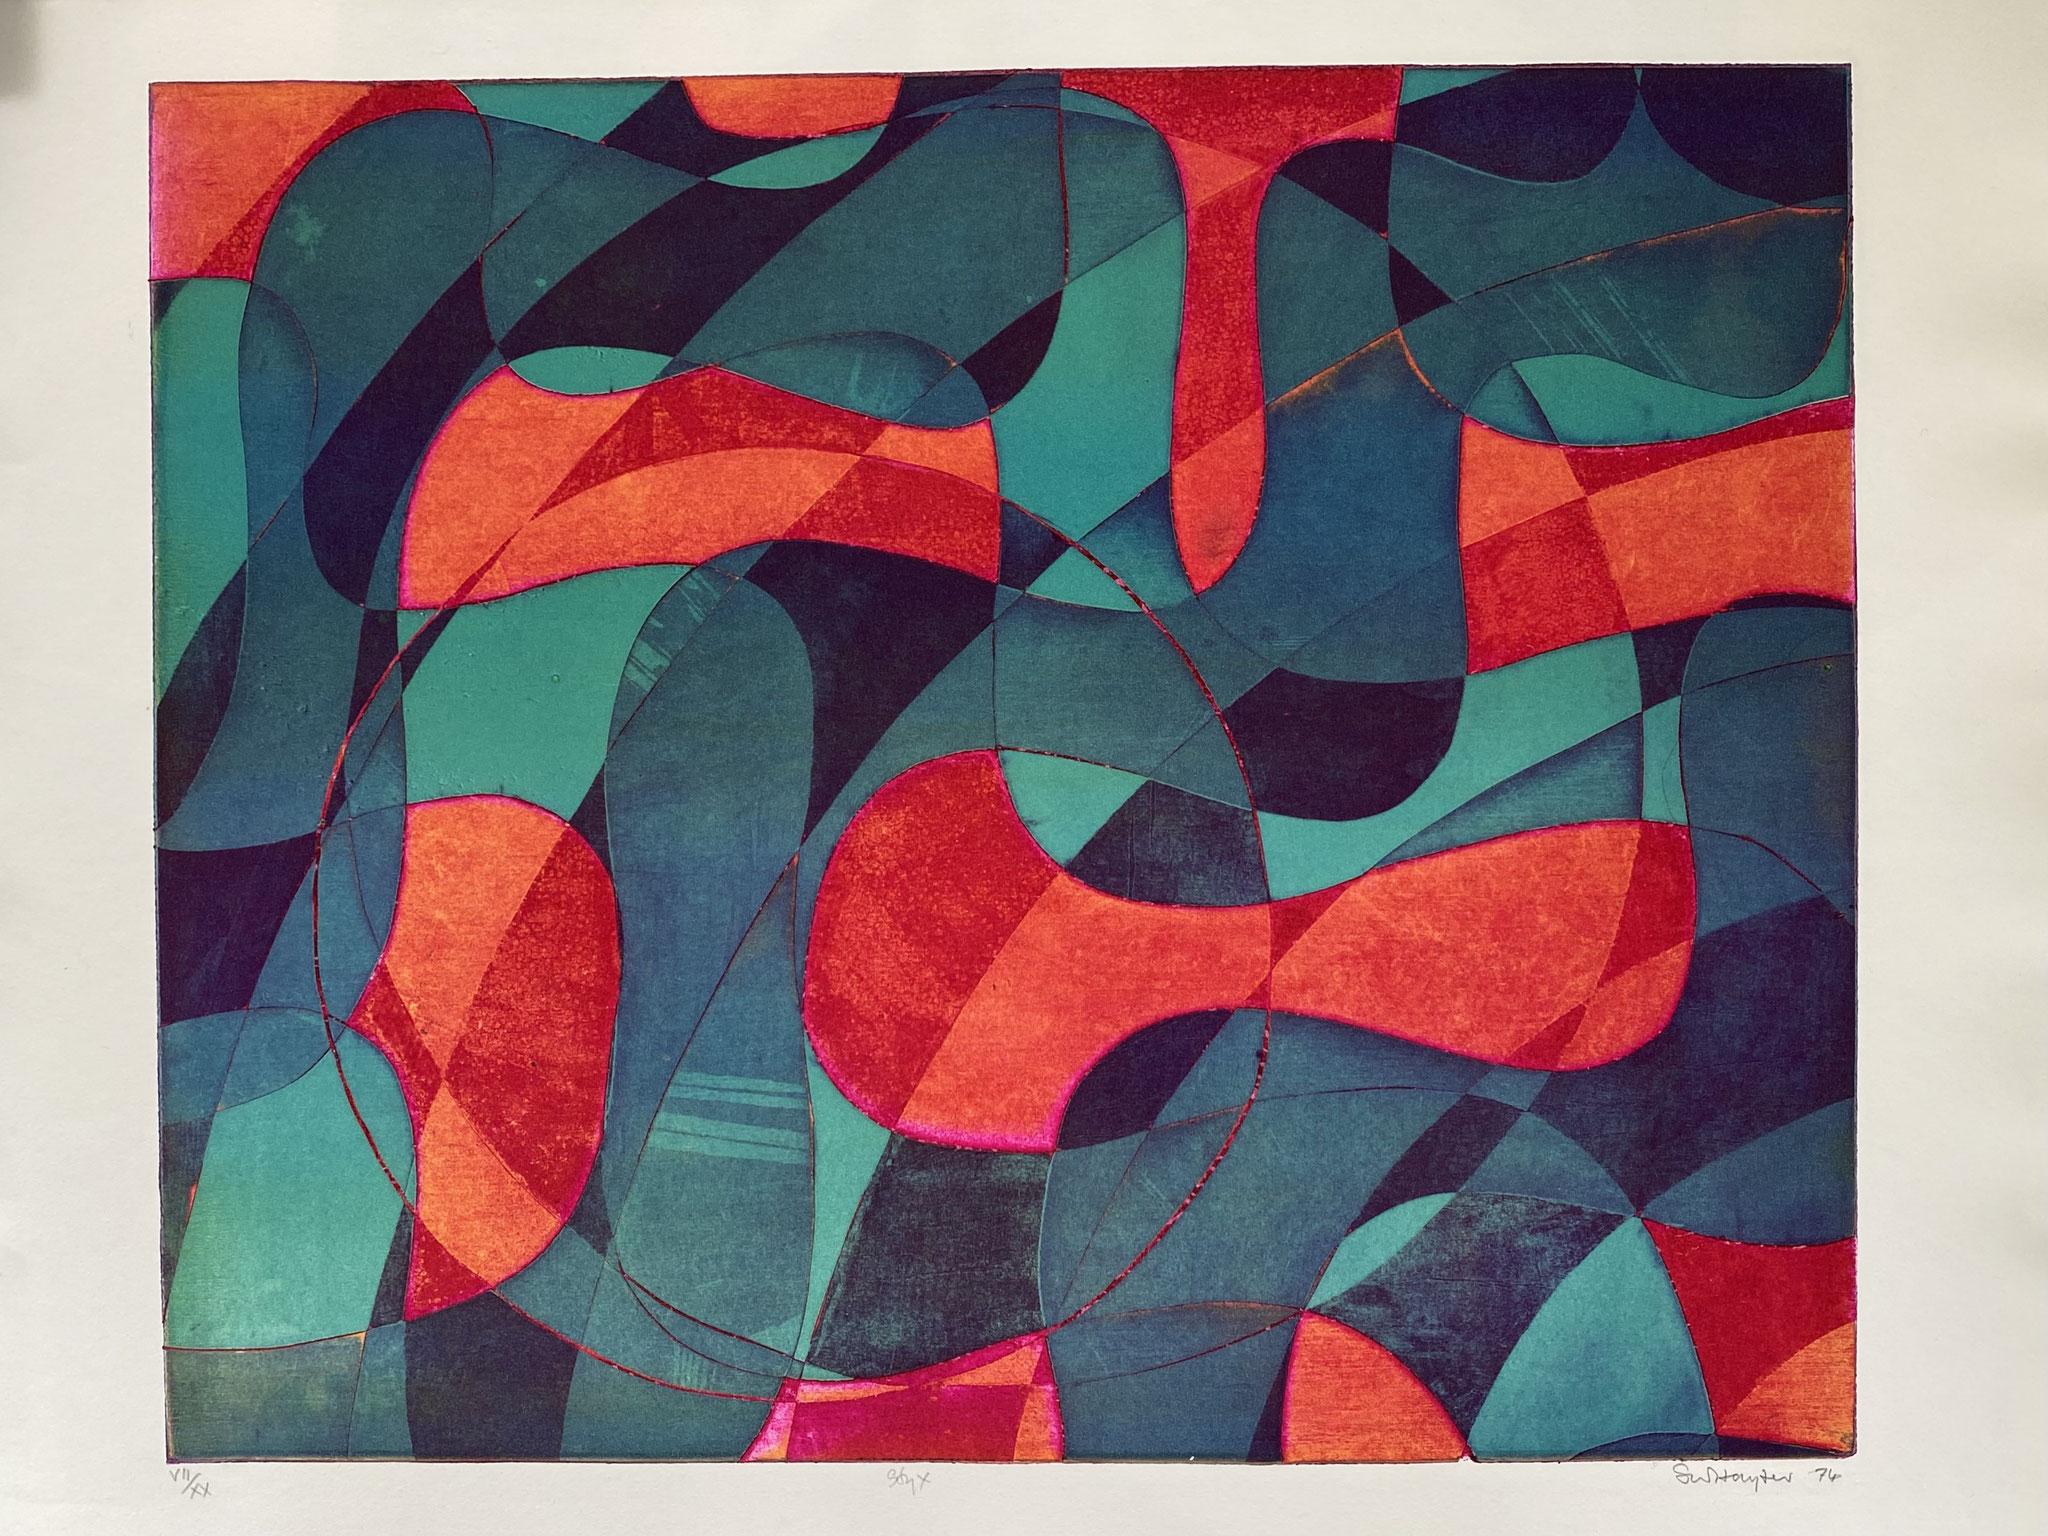 Stanley William HAYTER  (1901-1988) Styx , 1974 (Black& Moorhead n° 369) Eau-forte et vernis mou sur BFK Rives, titrée, datée, numérotée VII/XX et signée au crayon. Editions M'Arte, Milan,  Image: 48,5 x 59,2 cm Feuille : 75 x 55,5 cm